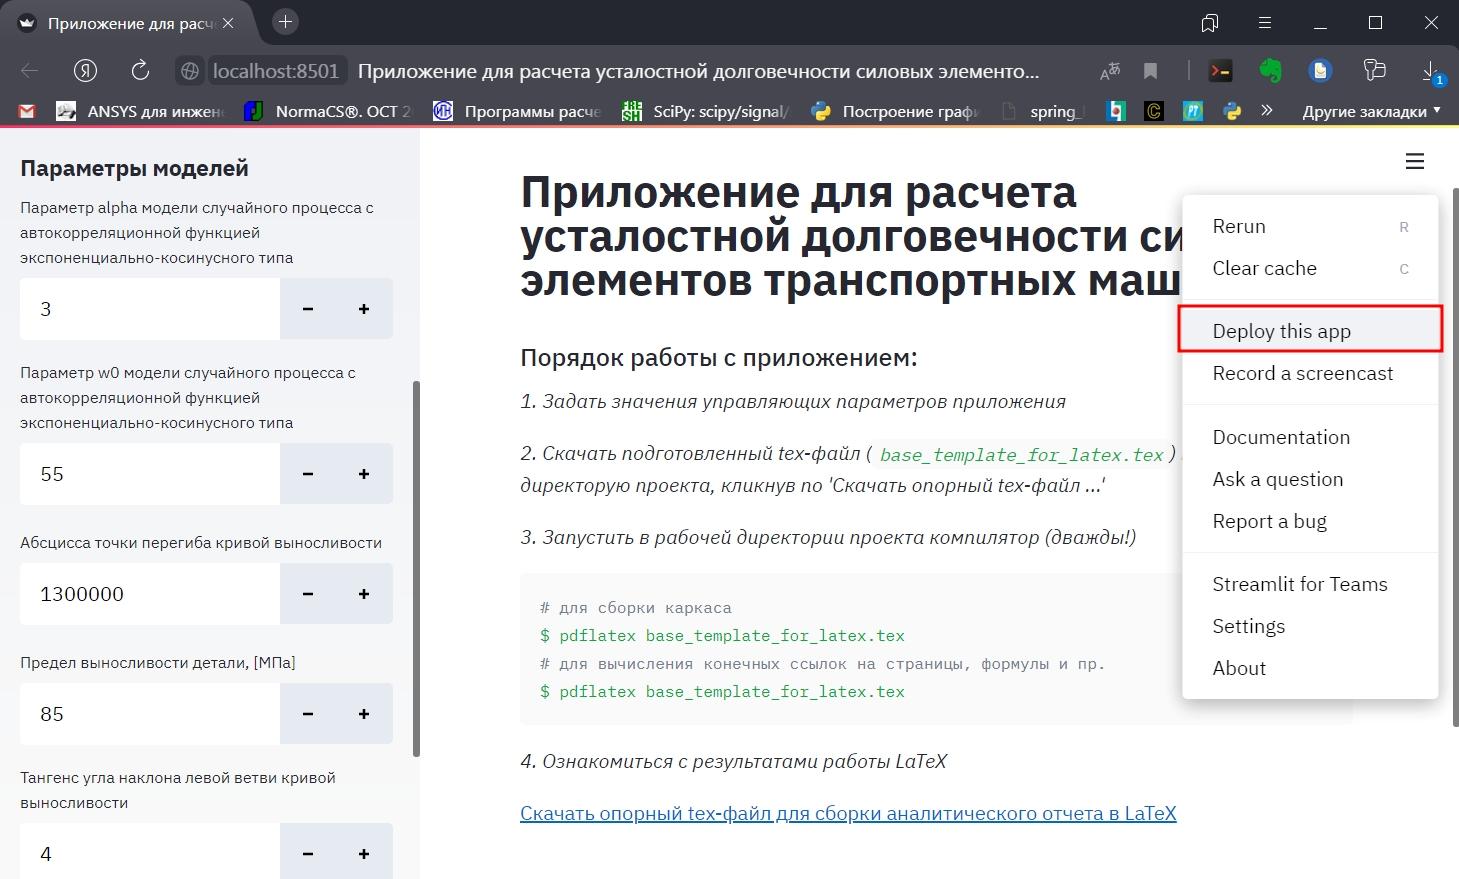 Развертывание приложения на облачной платформе Streamlit